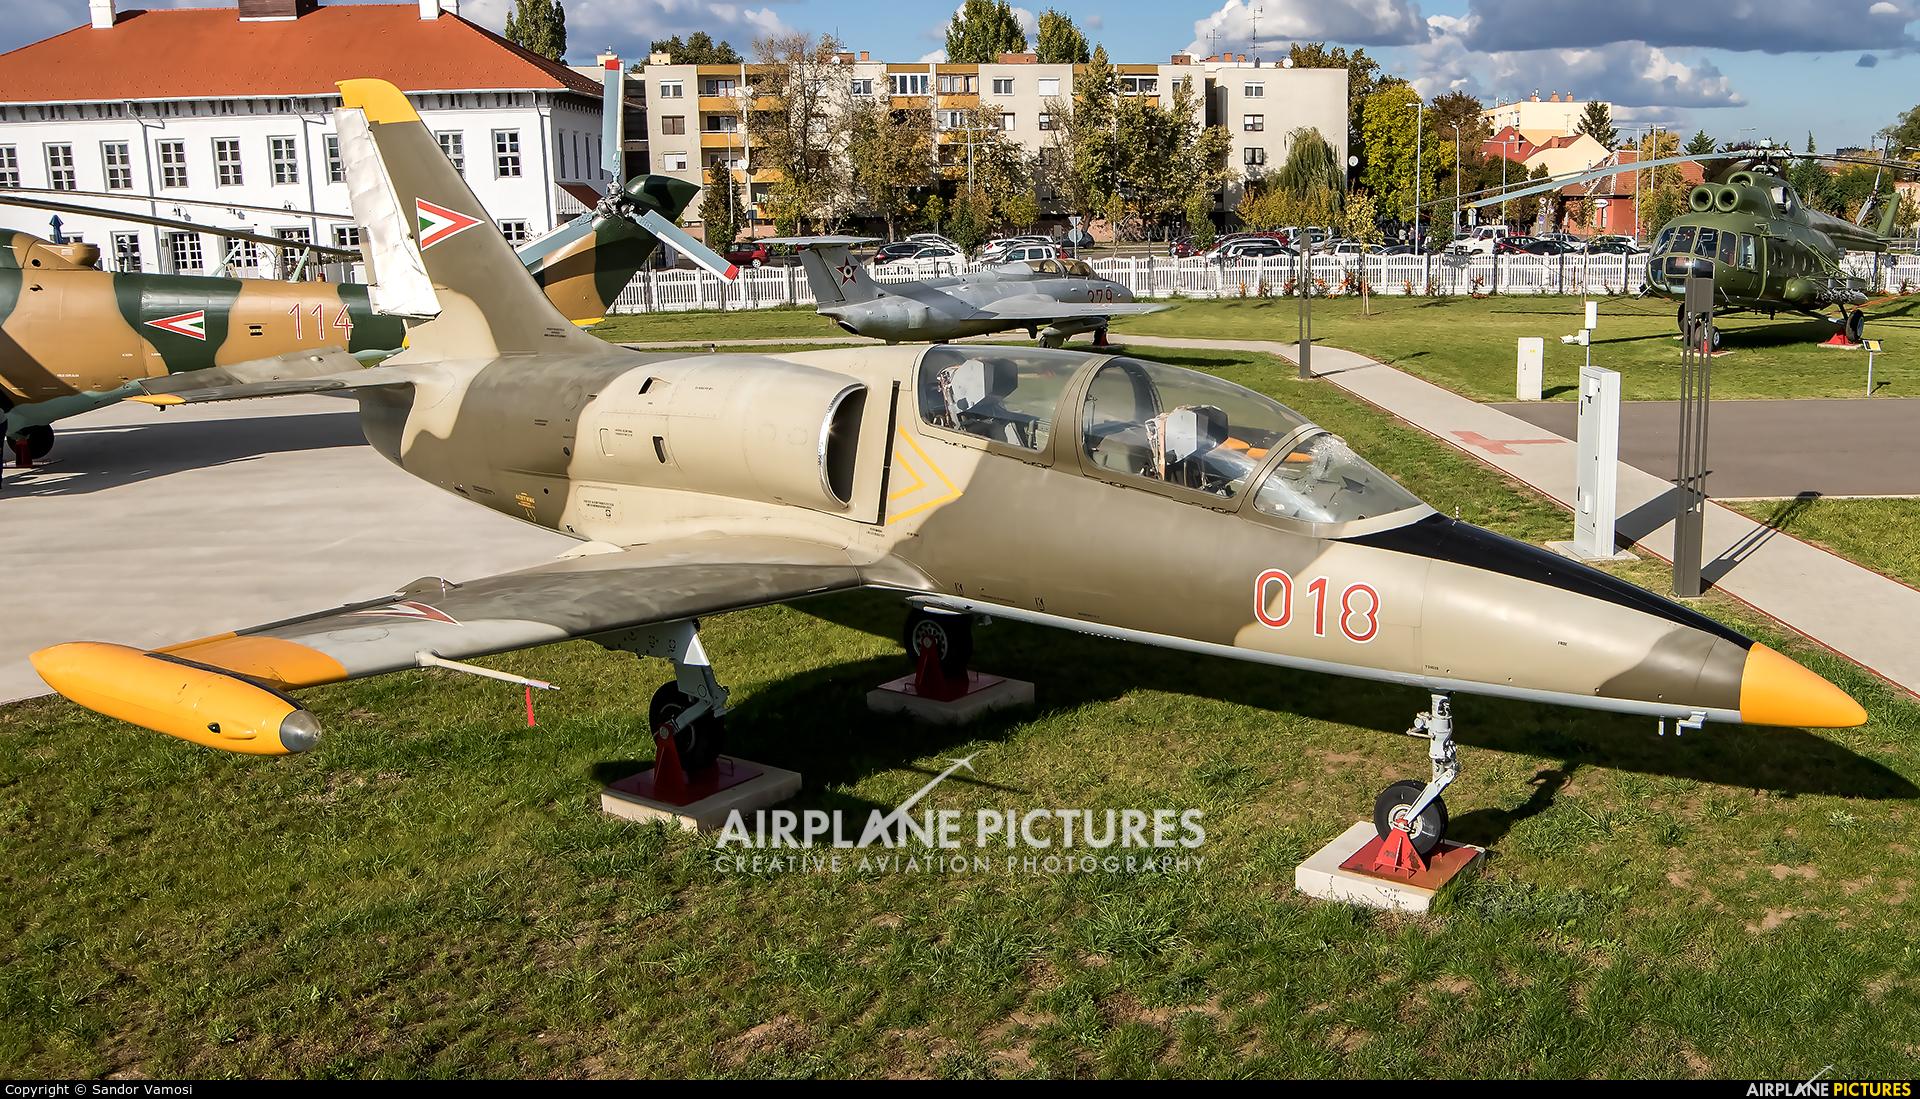 Hungary - Air Force 018 aircraft at Szolnok